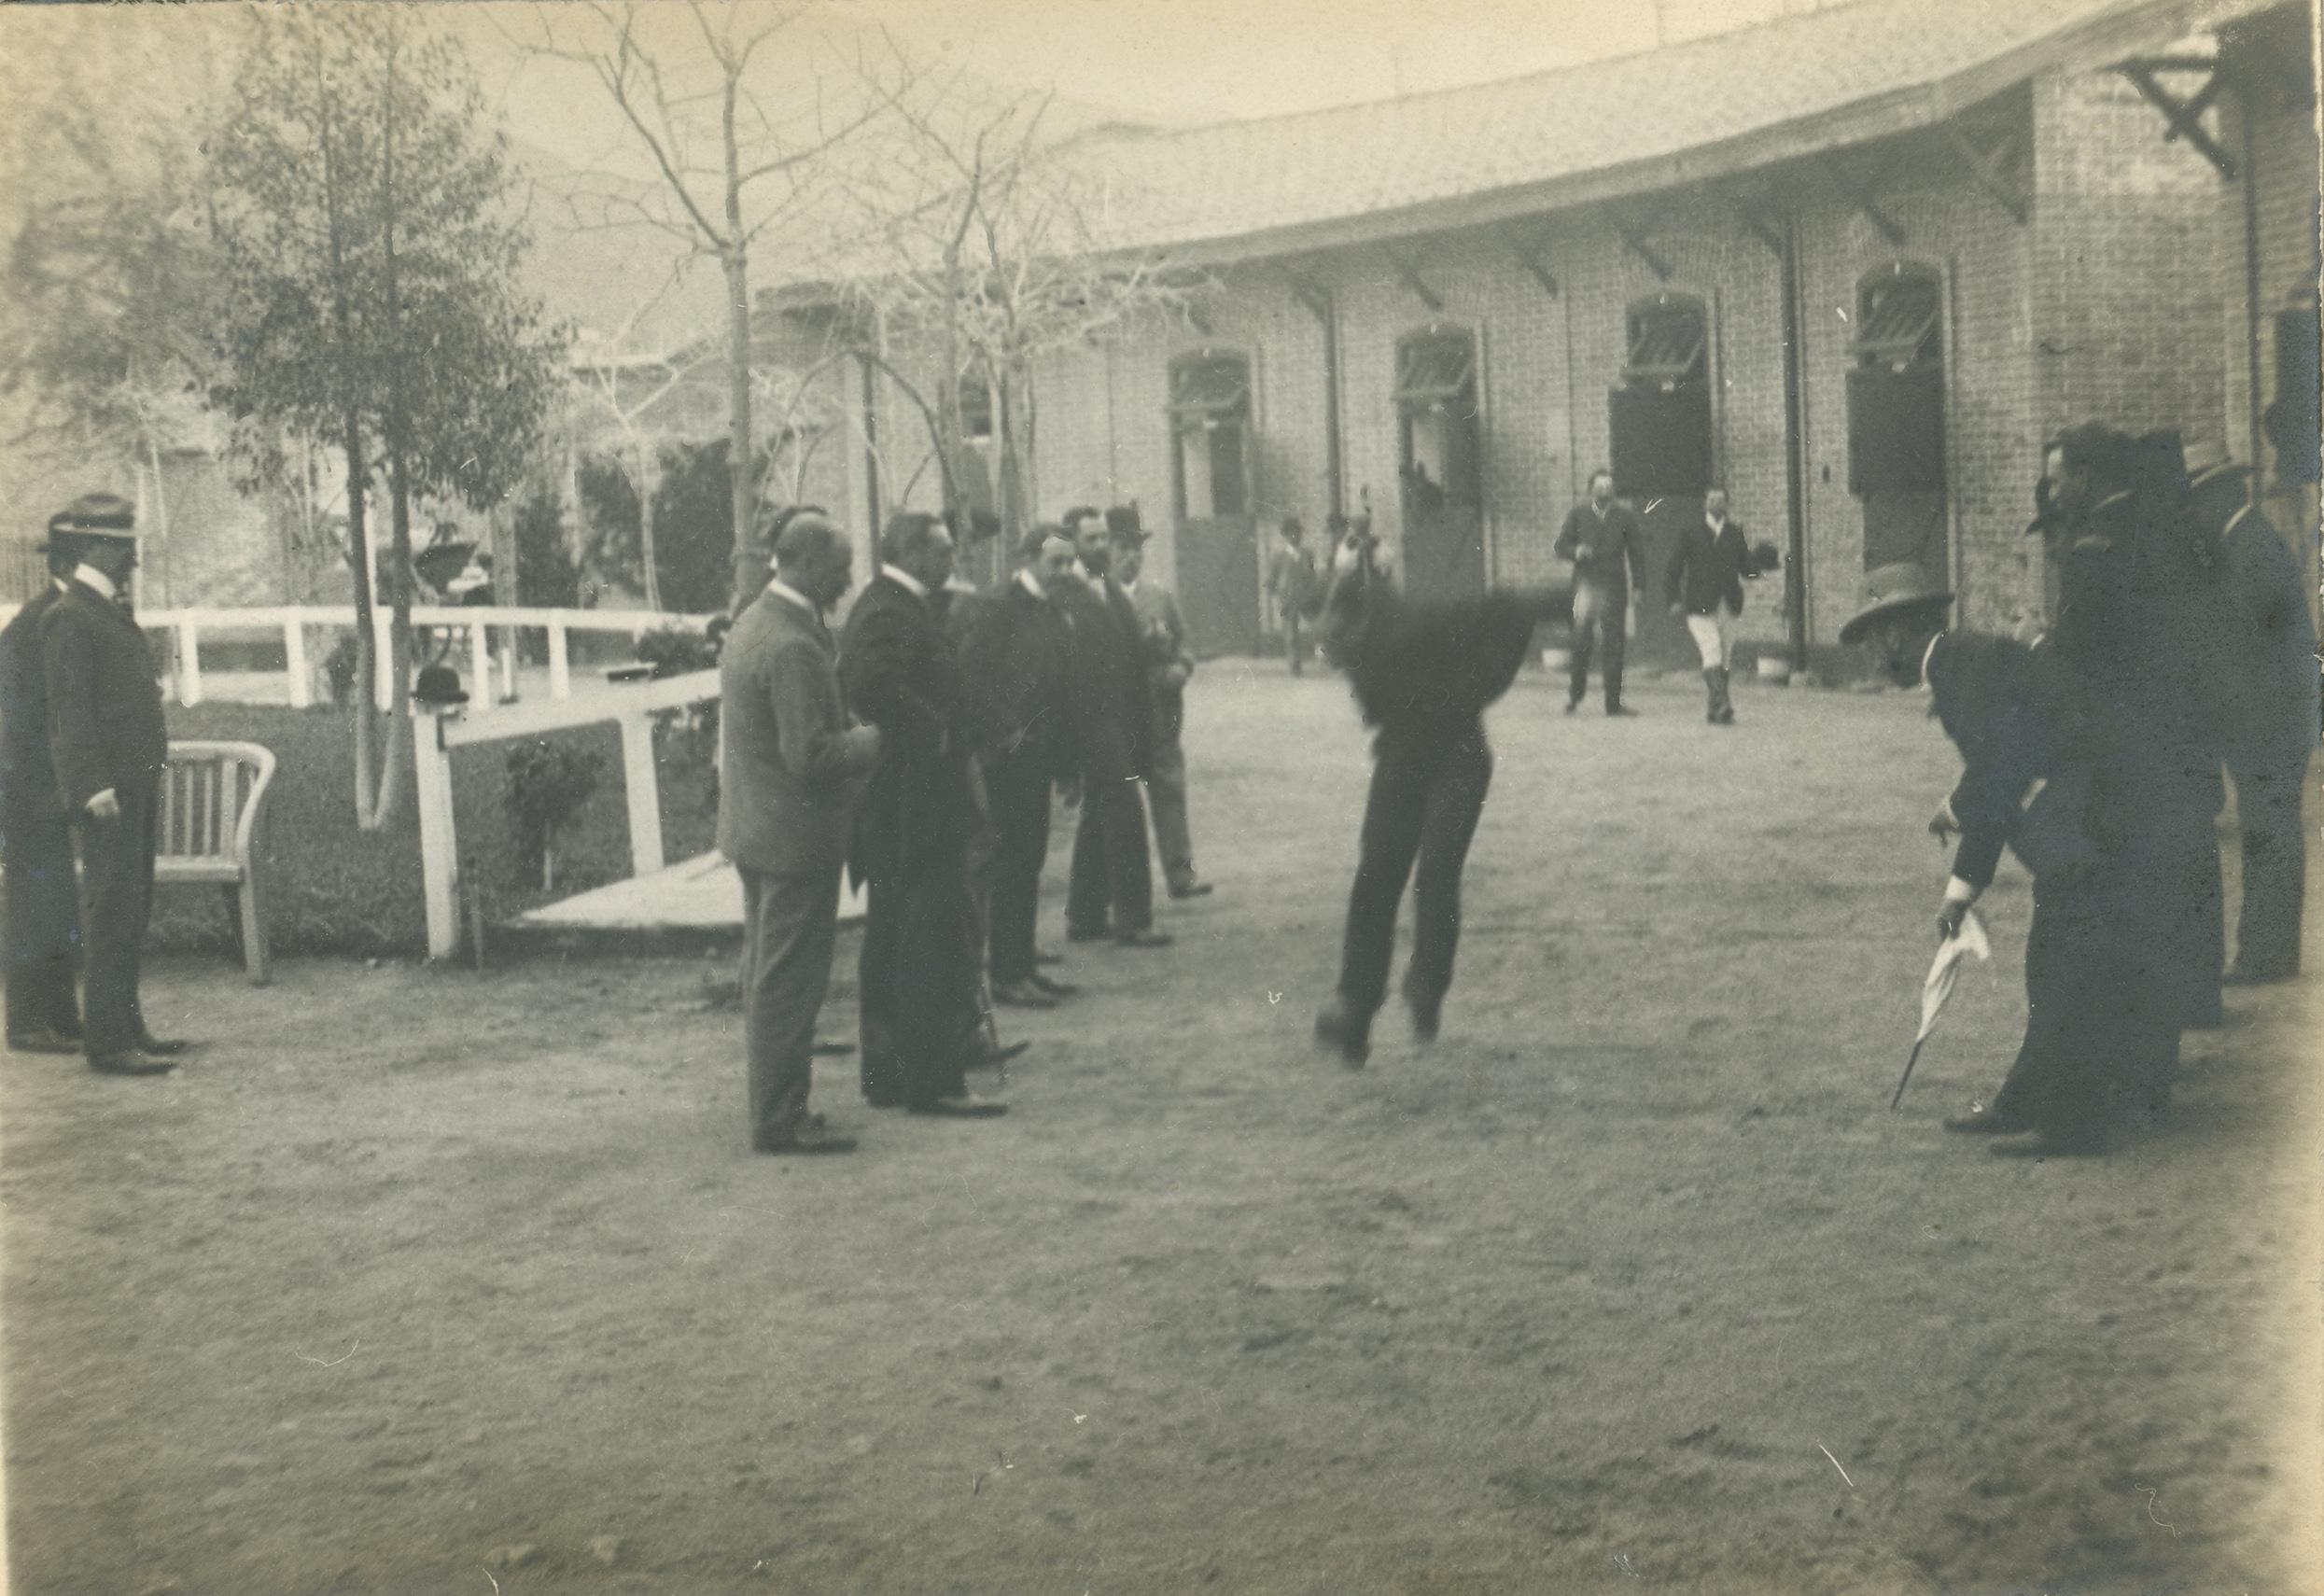 Enterreno - Fotos históricas de chile - fotos antiguas de Chile - Junta en el Club Ecuestre, 1903